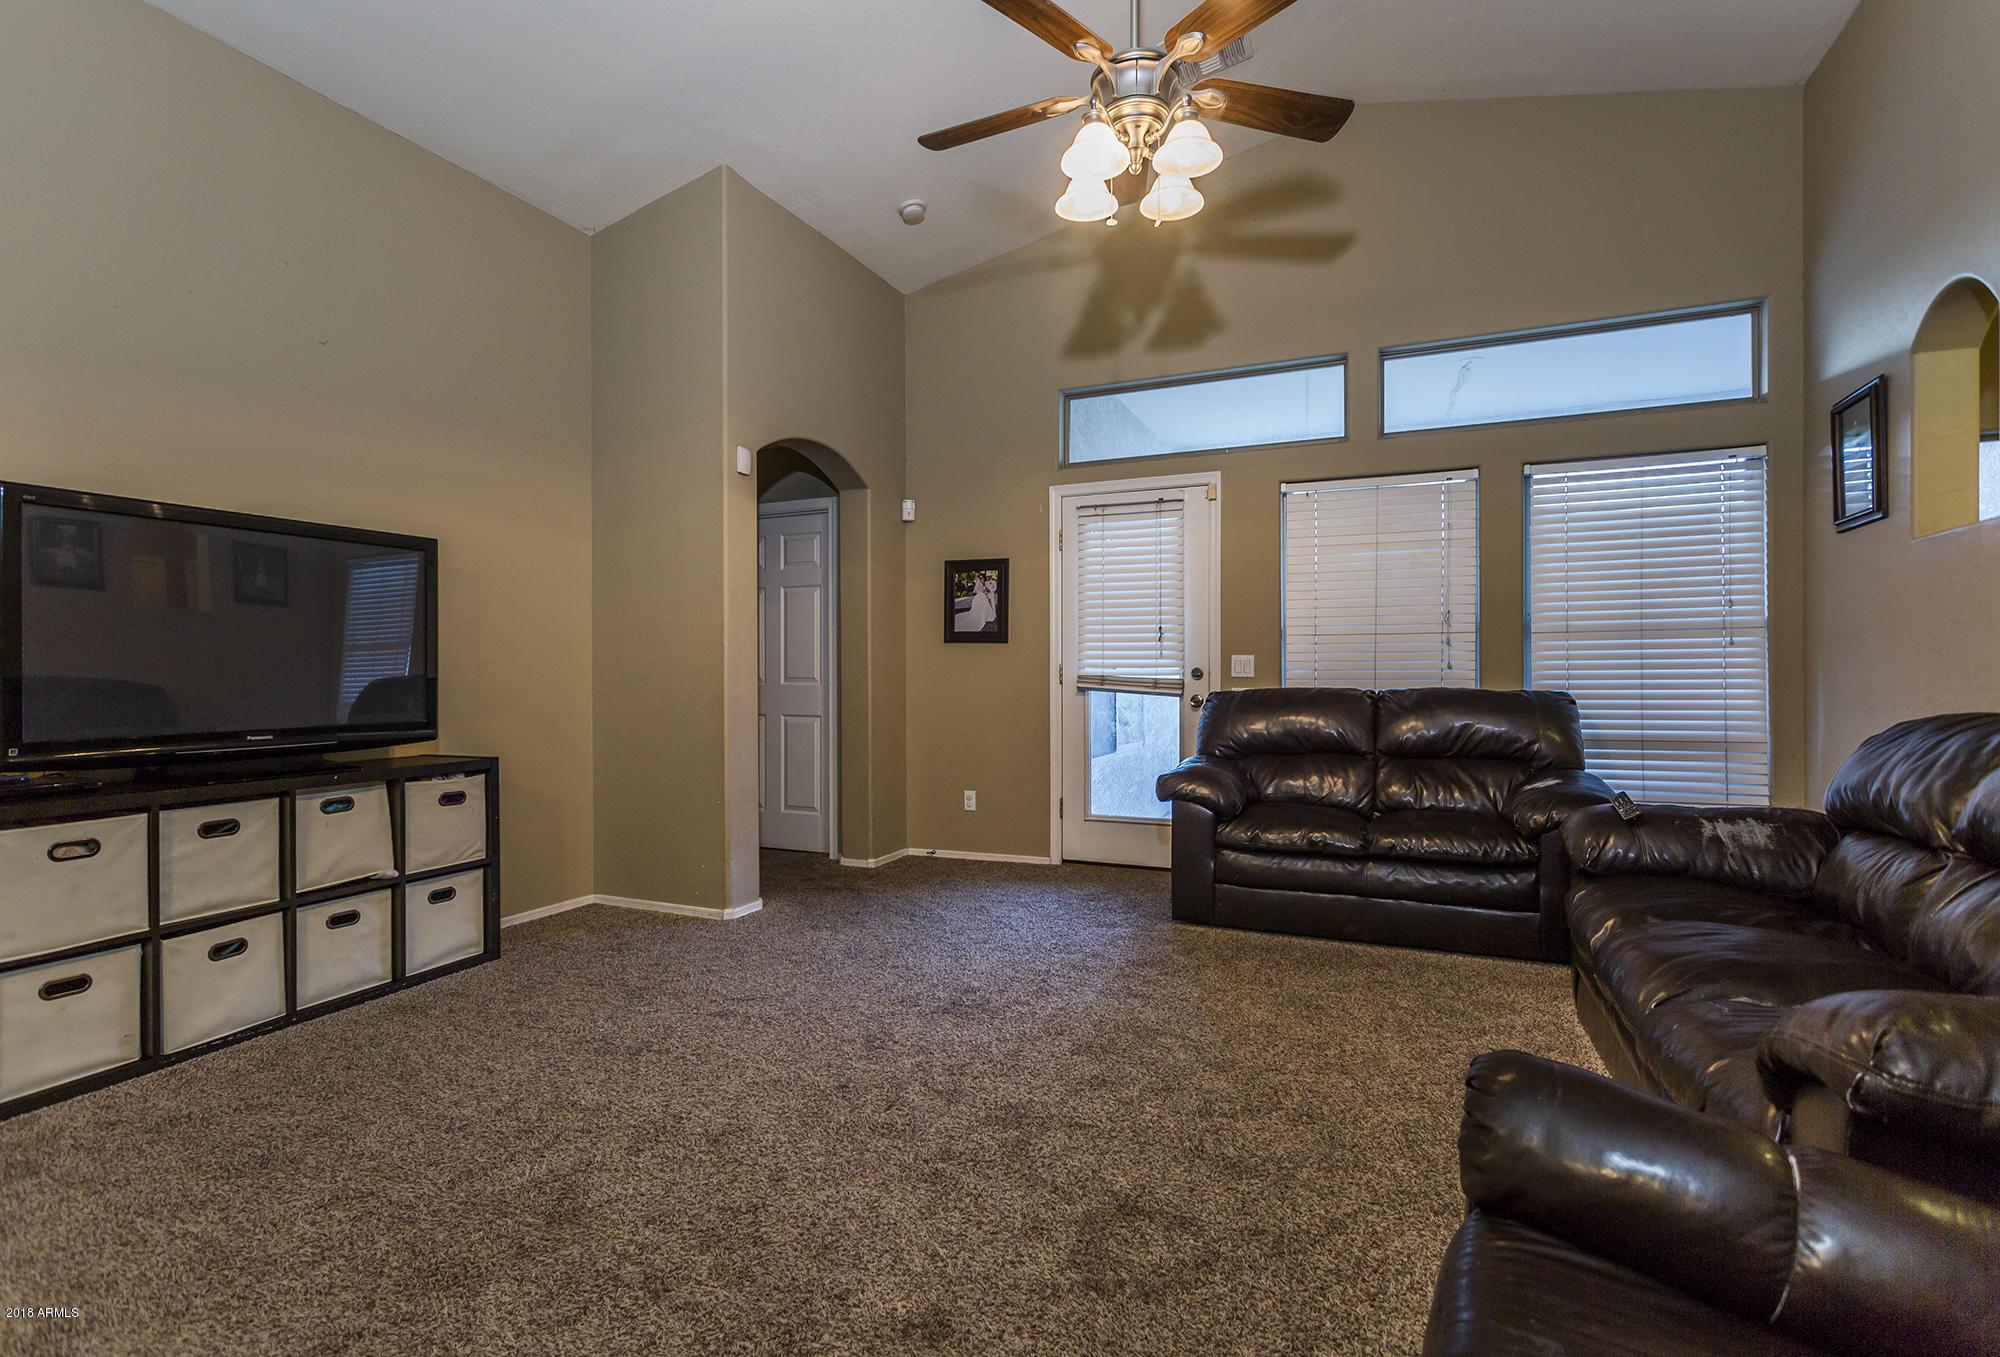 MLS 5813126 11569 W COCOPAH Street, Avondale, AZ 85323 Avondale AZ Coldwater Ridge